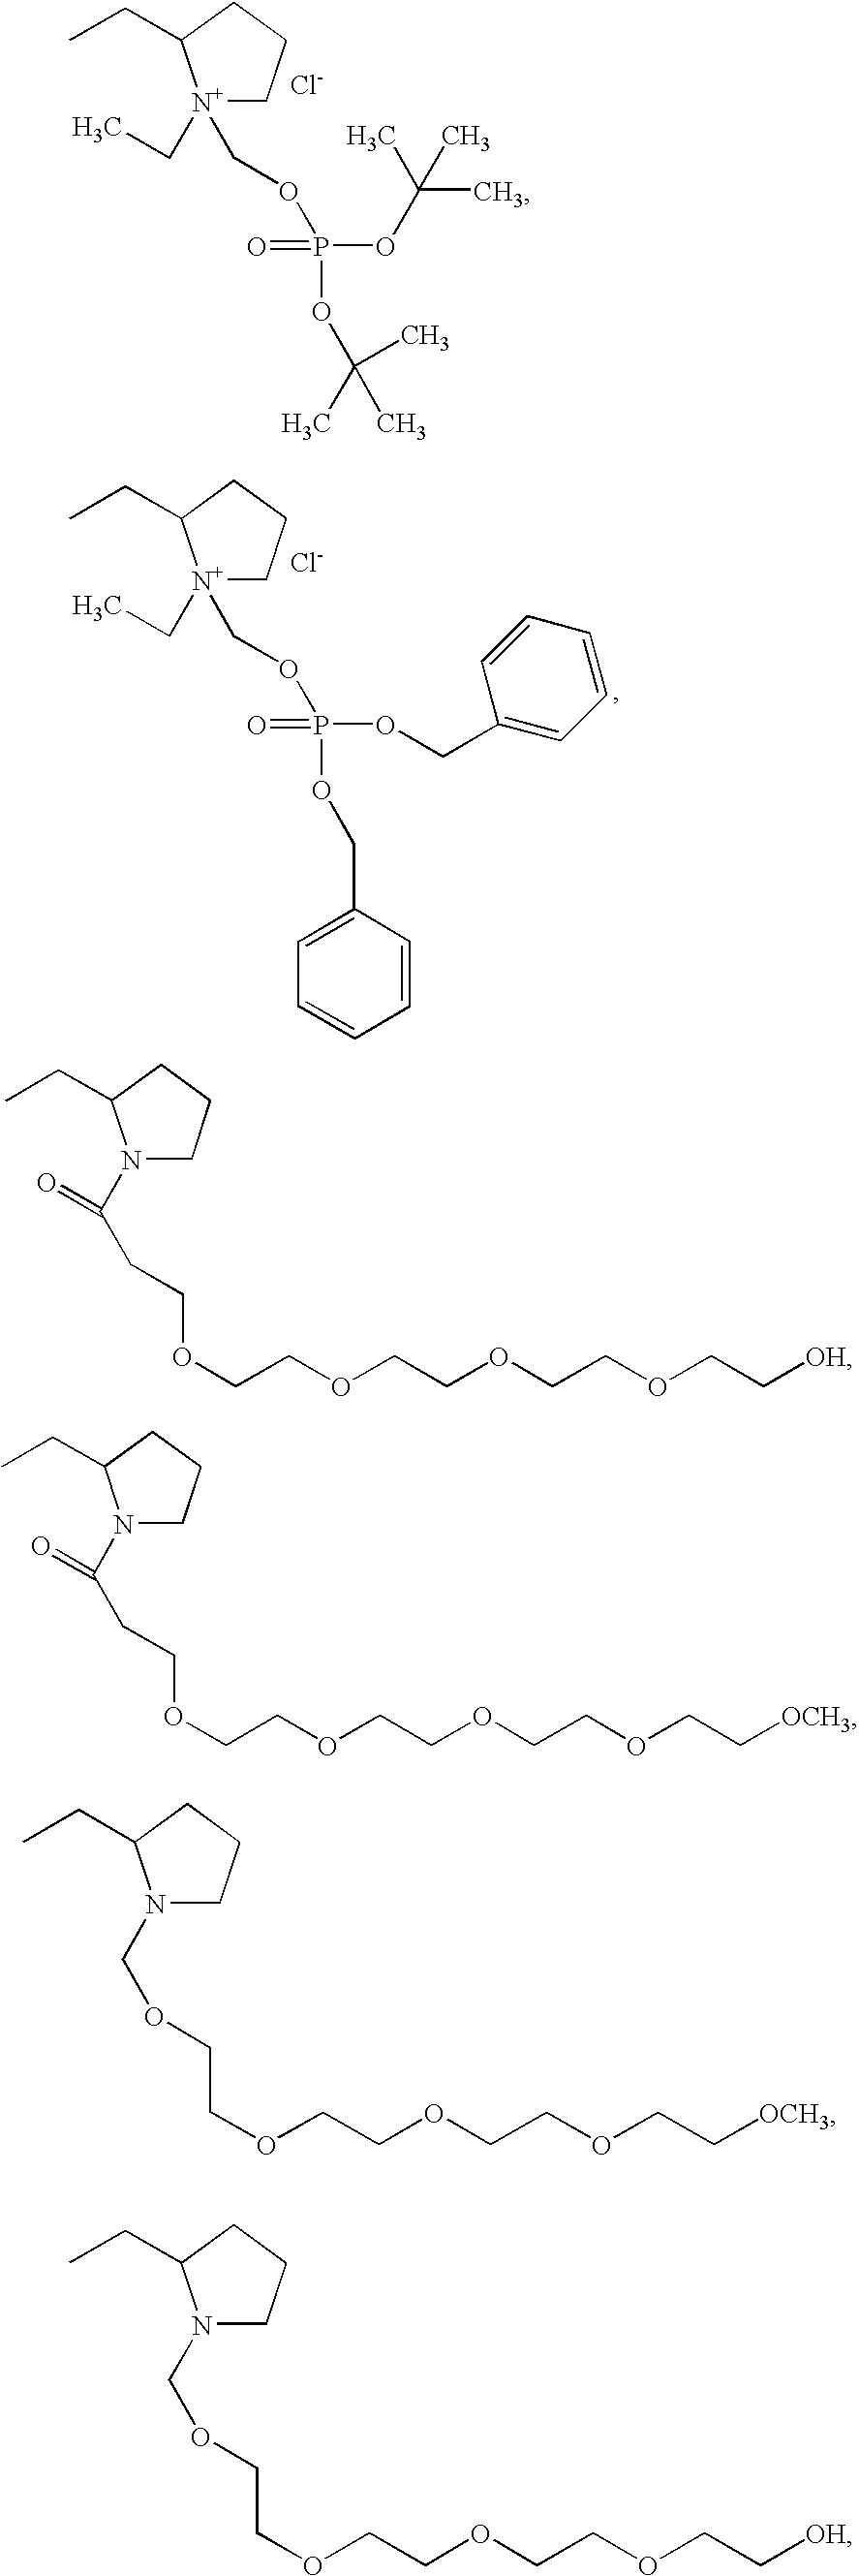 Figure US20050113341A1-20050526-C00062